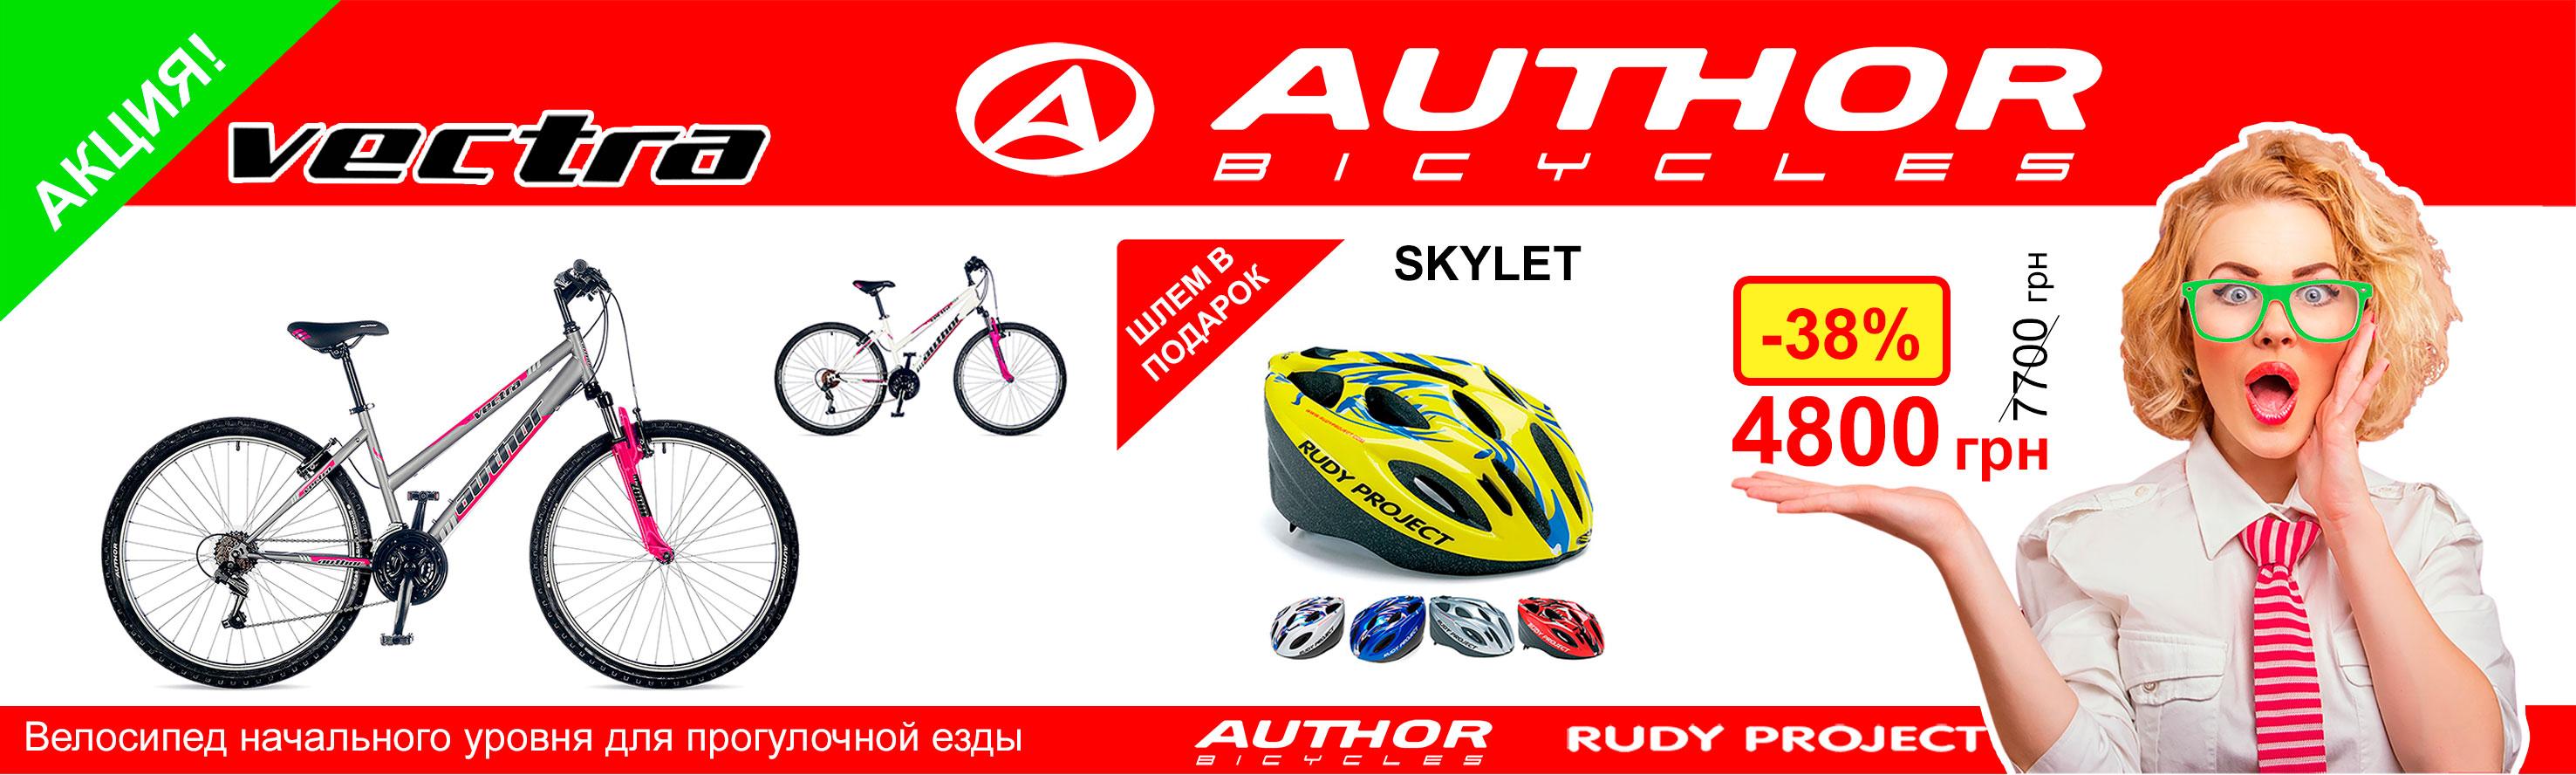 Шлем в подарок к велосипедам Author!